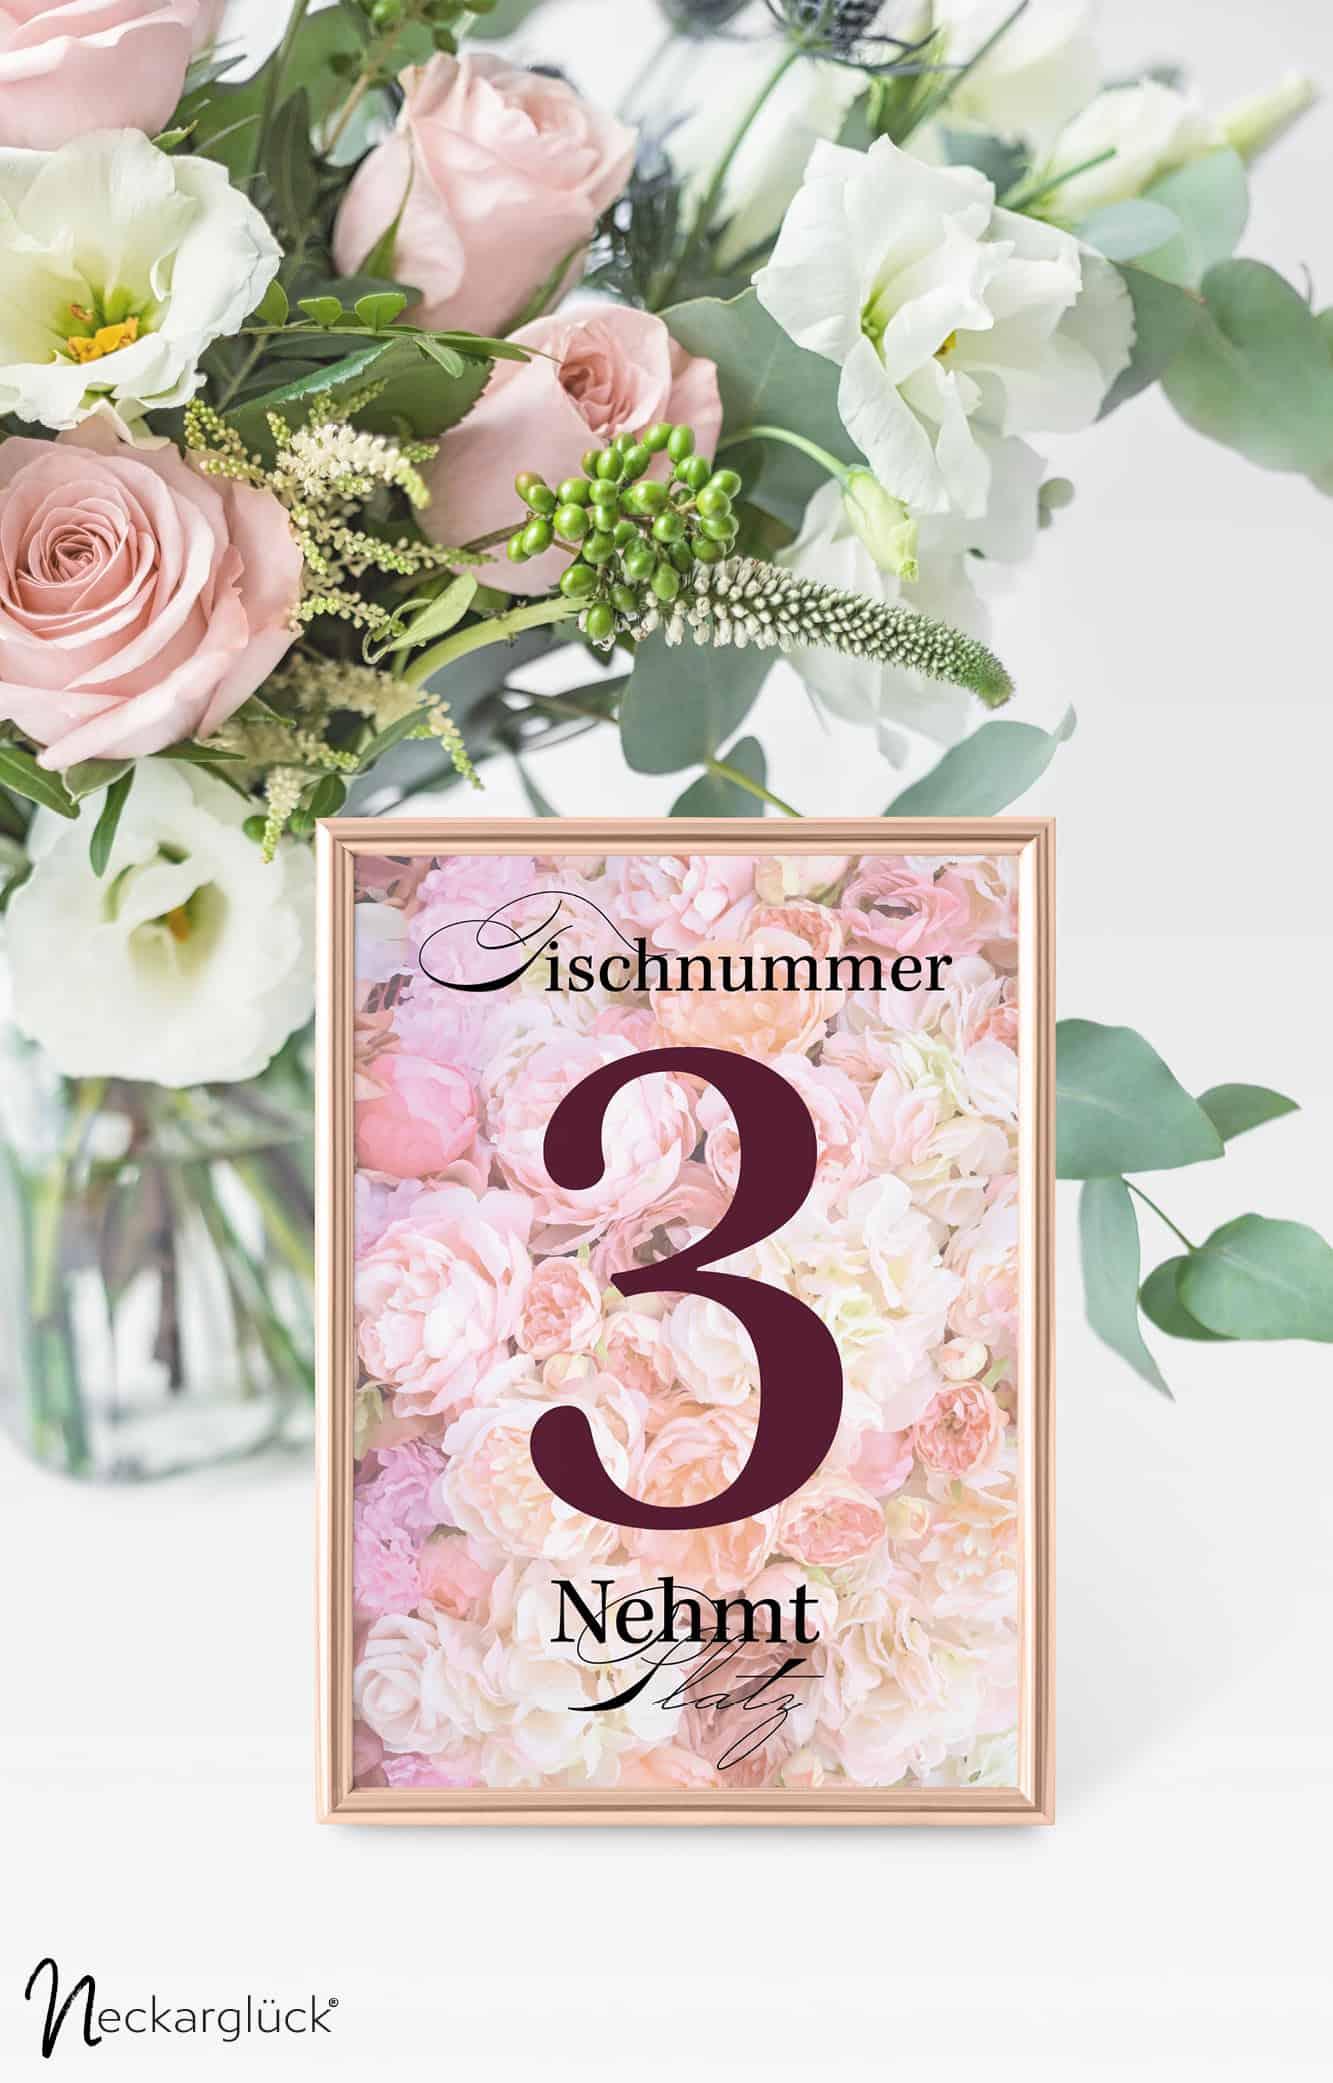 Floral Explosion Hochzeitsdesign Tischnummer